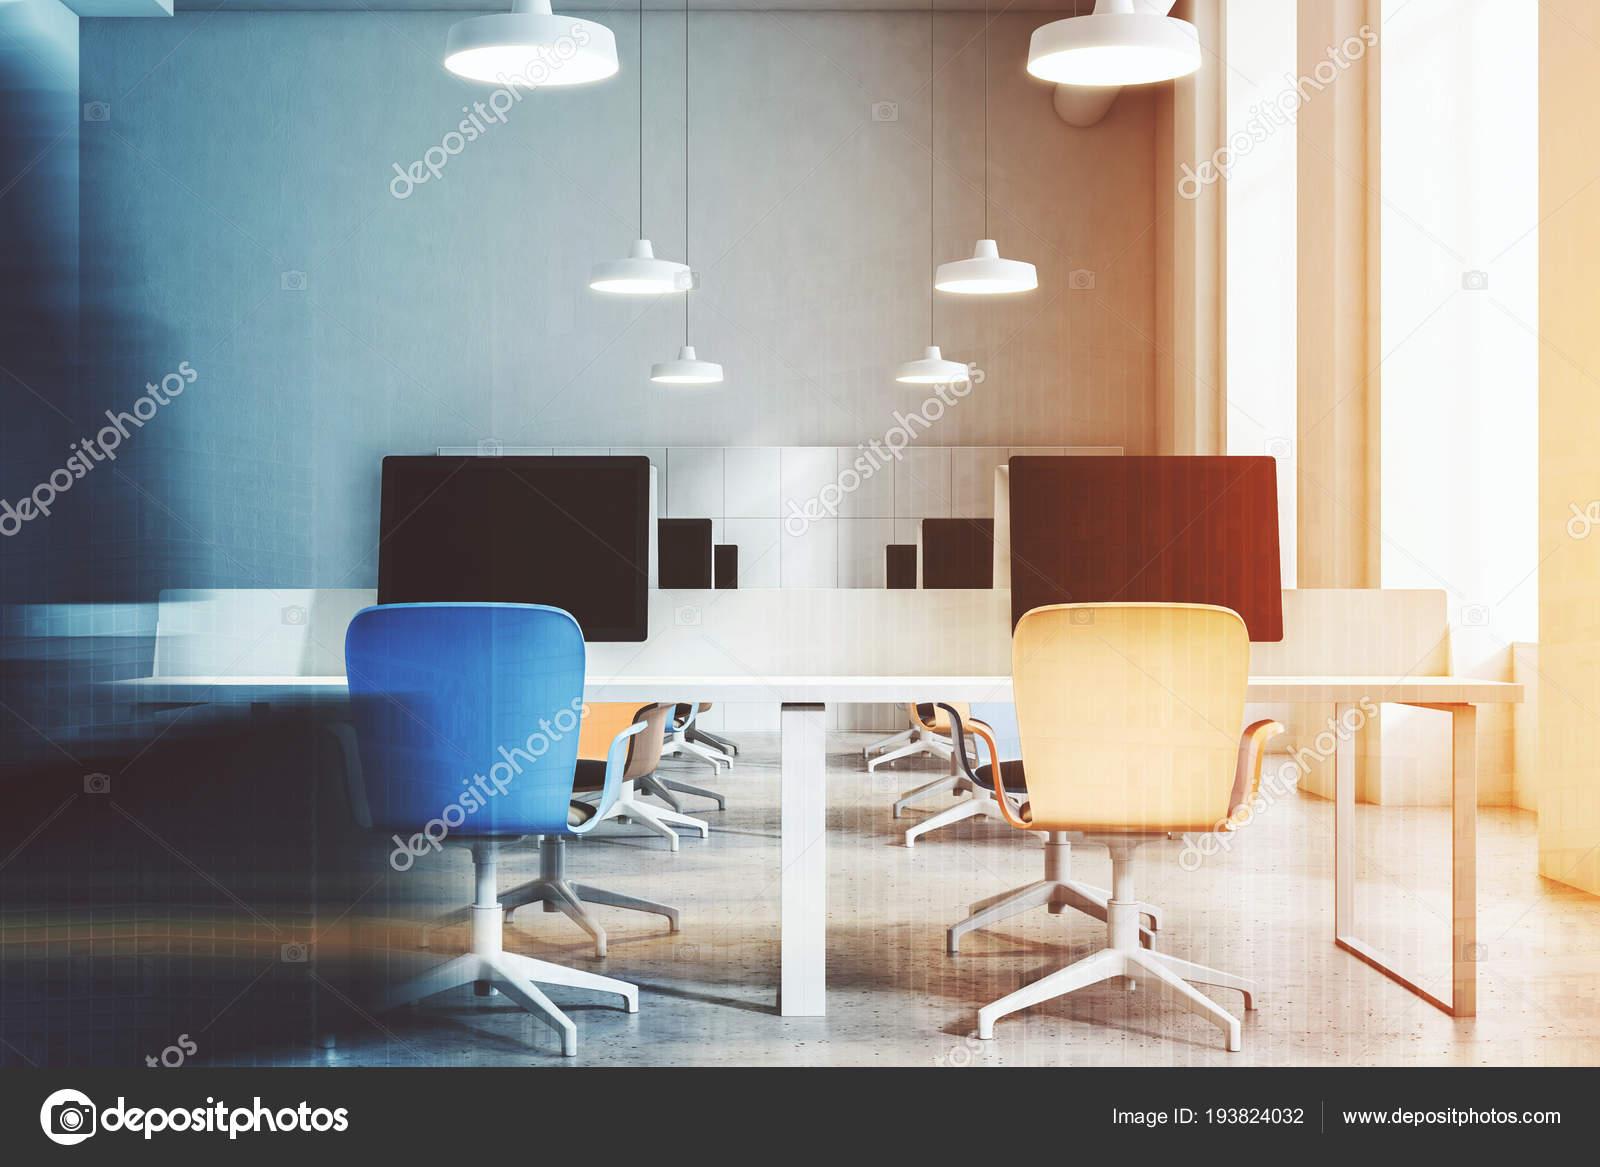 Naranjas Azules Piso Oficina Hormigón Sillas Abierto Interior Con VUpSzMGq